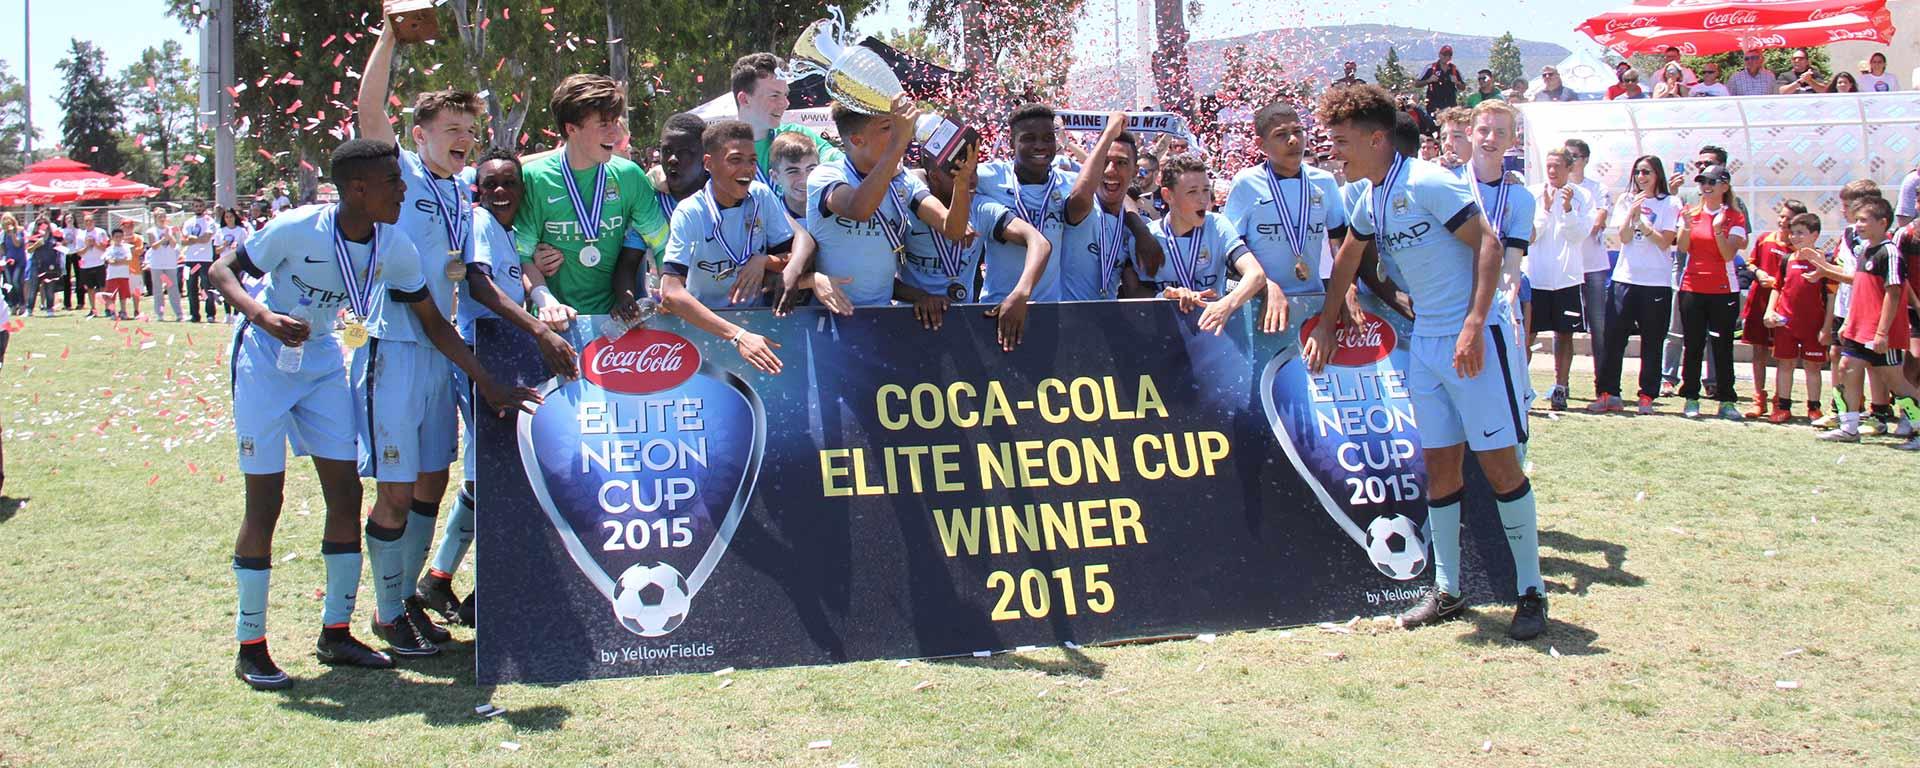 Coca-Cola Elite Neon Cup 2015